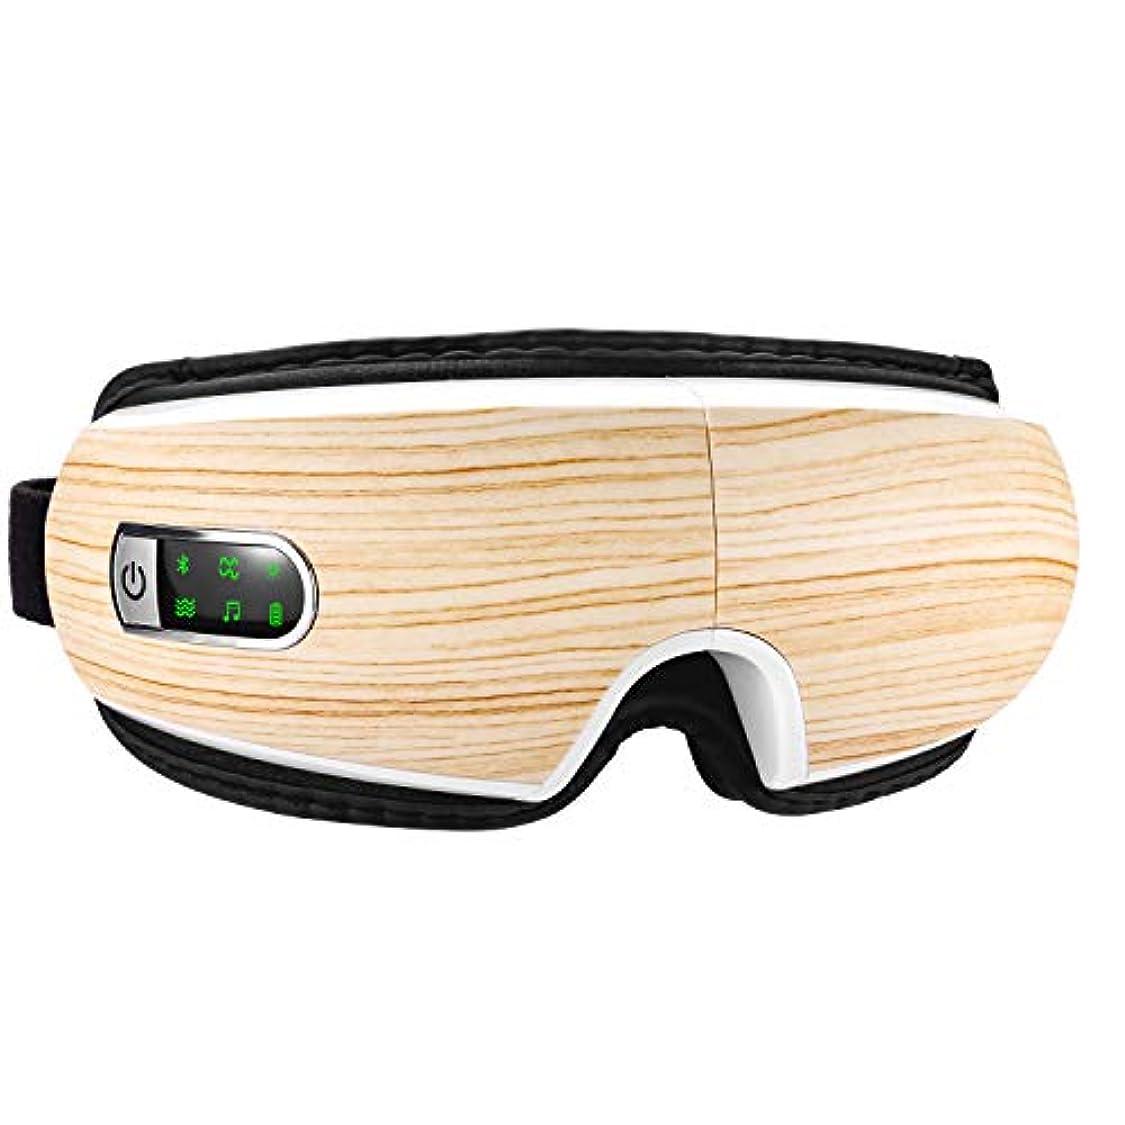 規則性臨検磨かれた目マッサージ器 目元エステ 目元美顔器 ホットアイマスク 快眠グッズ 振動機能 音楽機能 USB充電式 タイマー機能 アイマスク